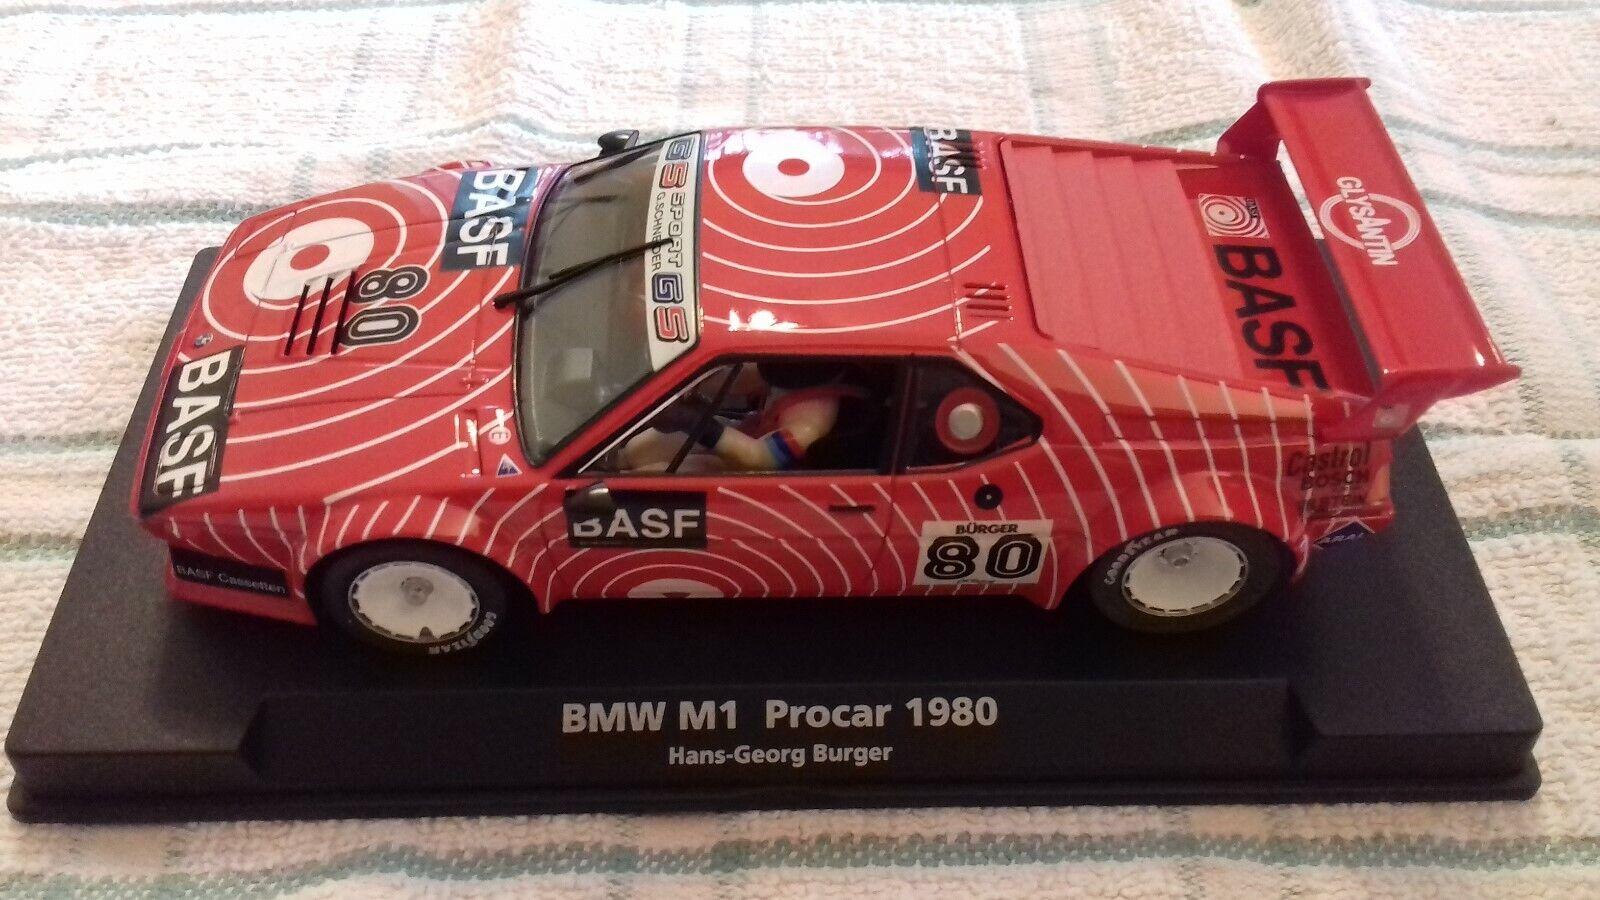 FLY 88171 BMW M1 Procar 1980